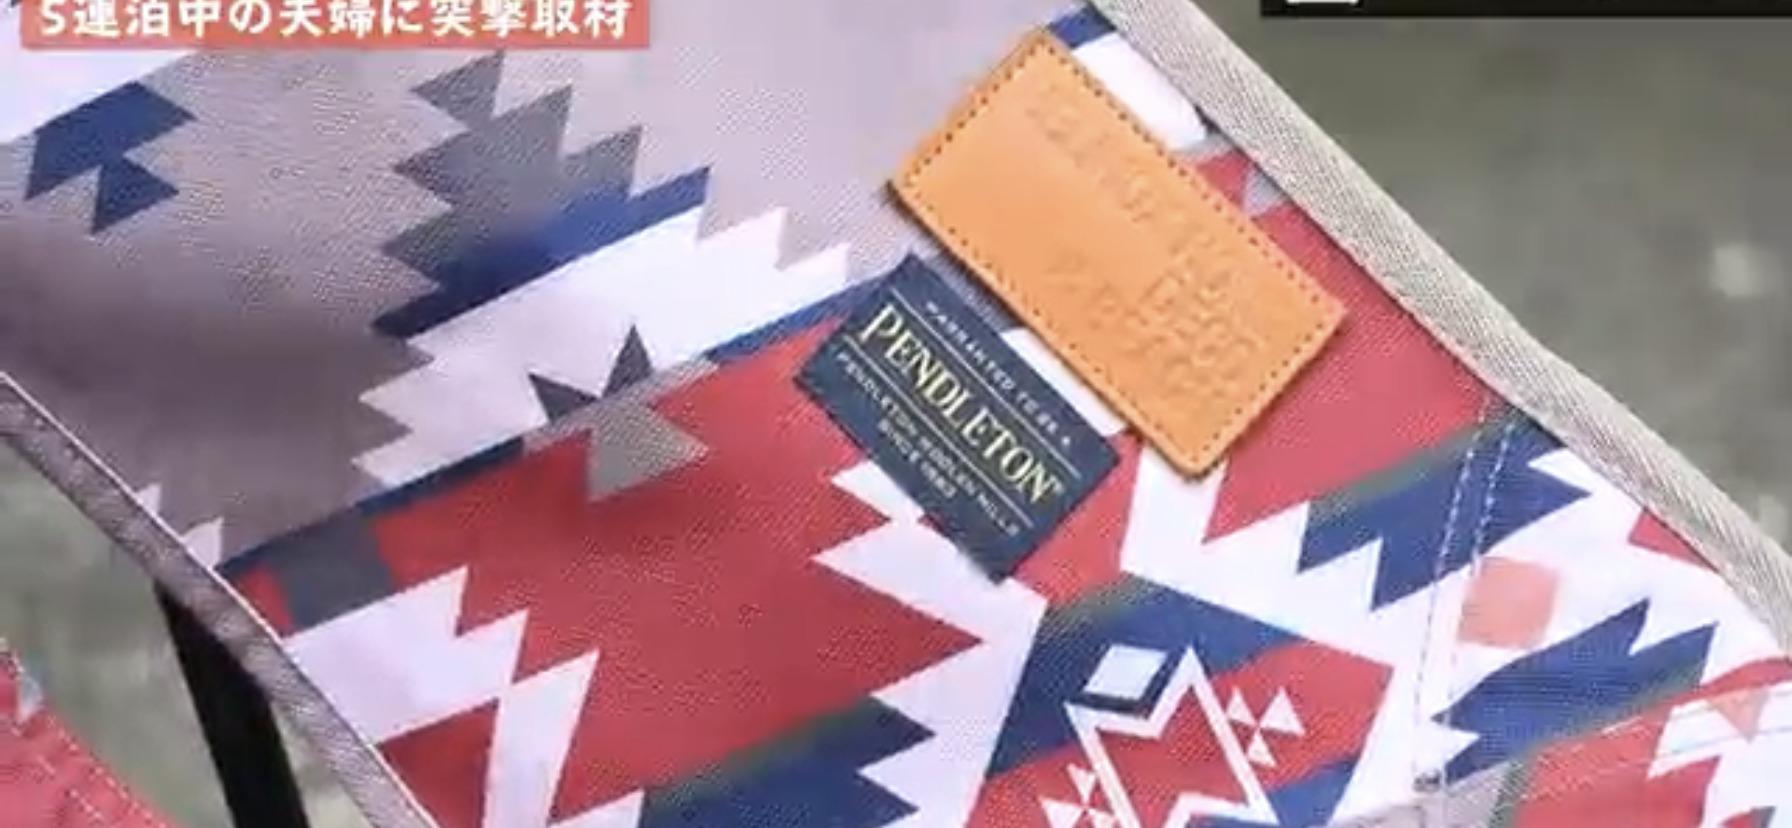 【Helinox(ヘリノックス)】 ホームチェア ペンドルトンコラボ